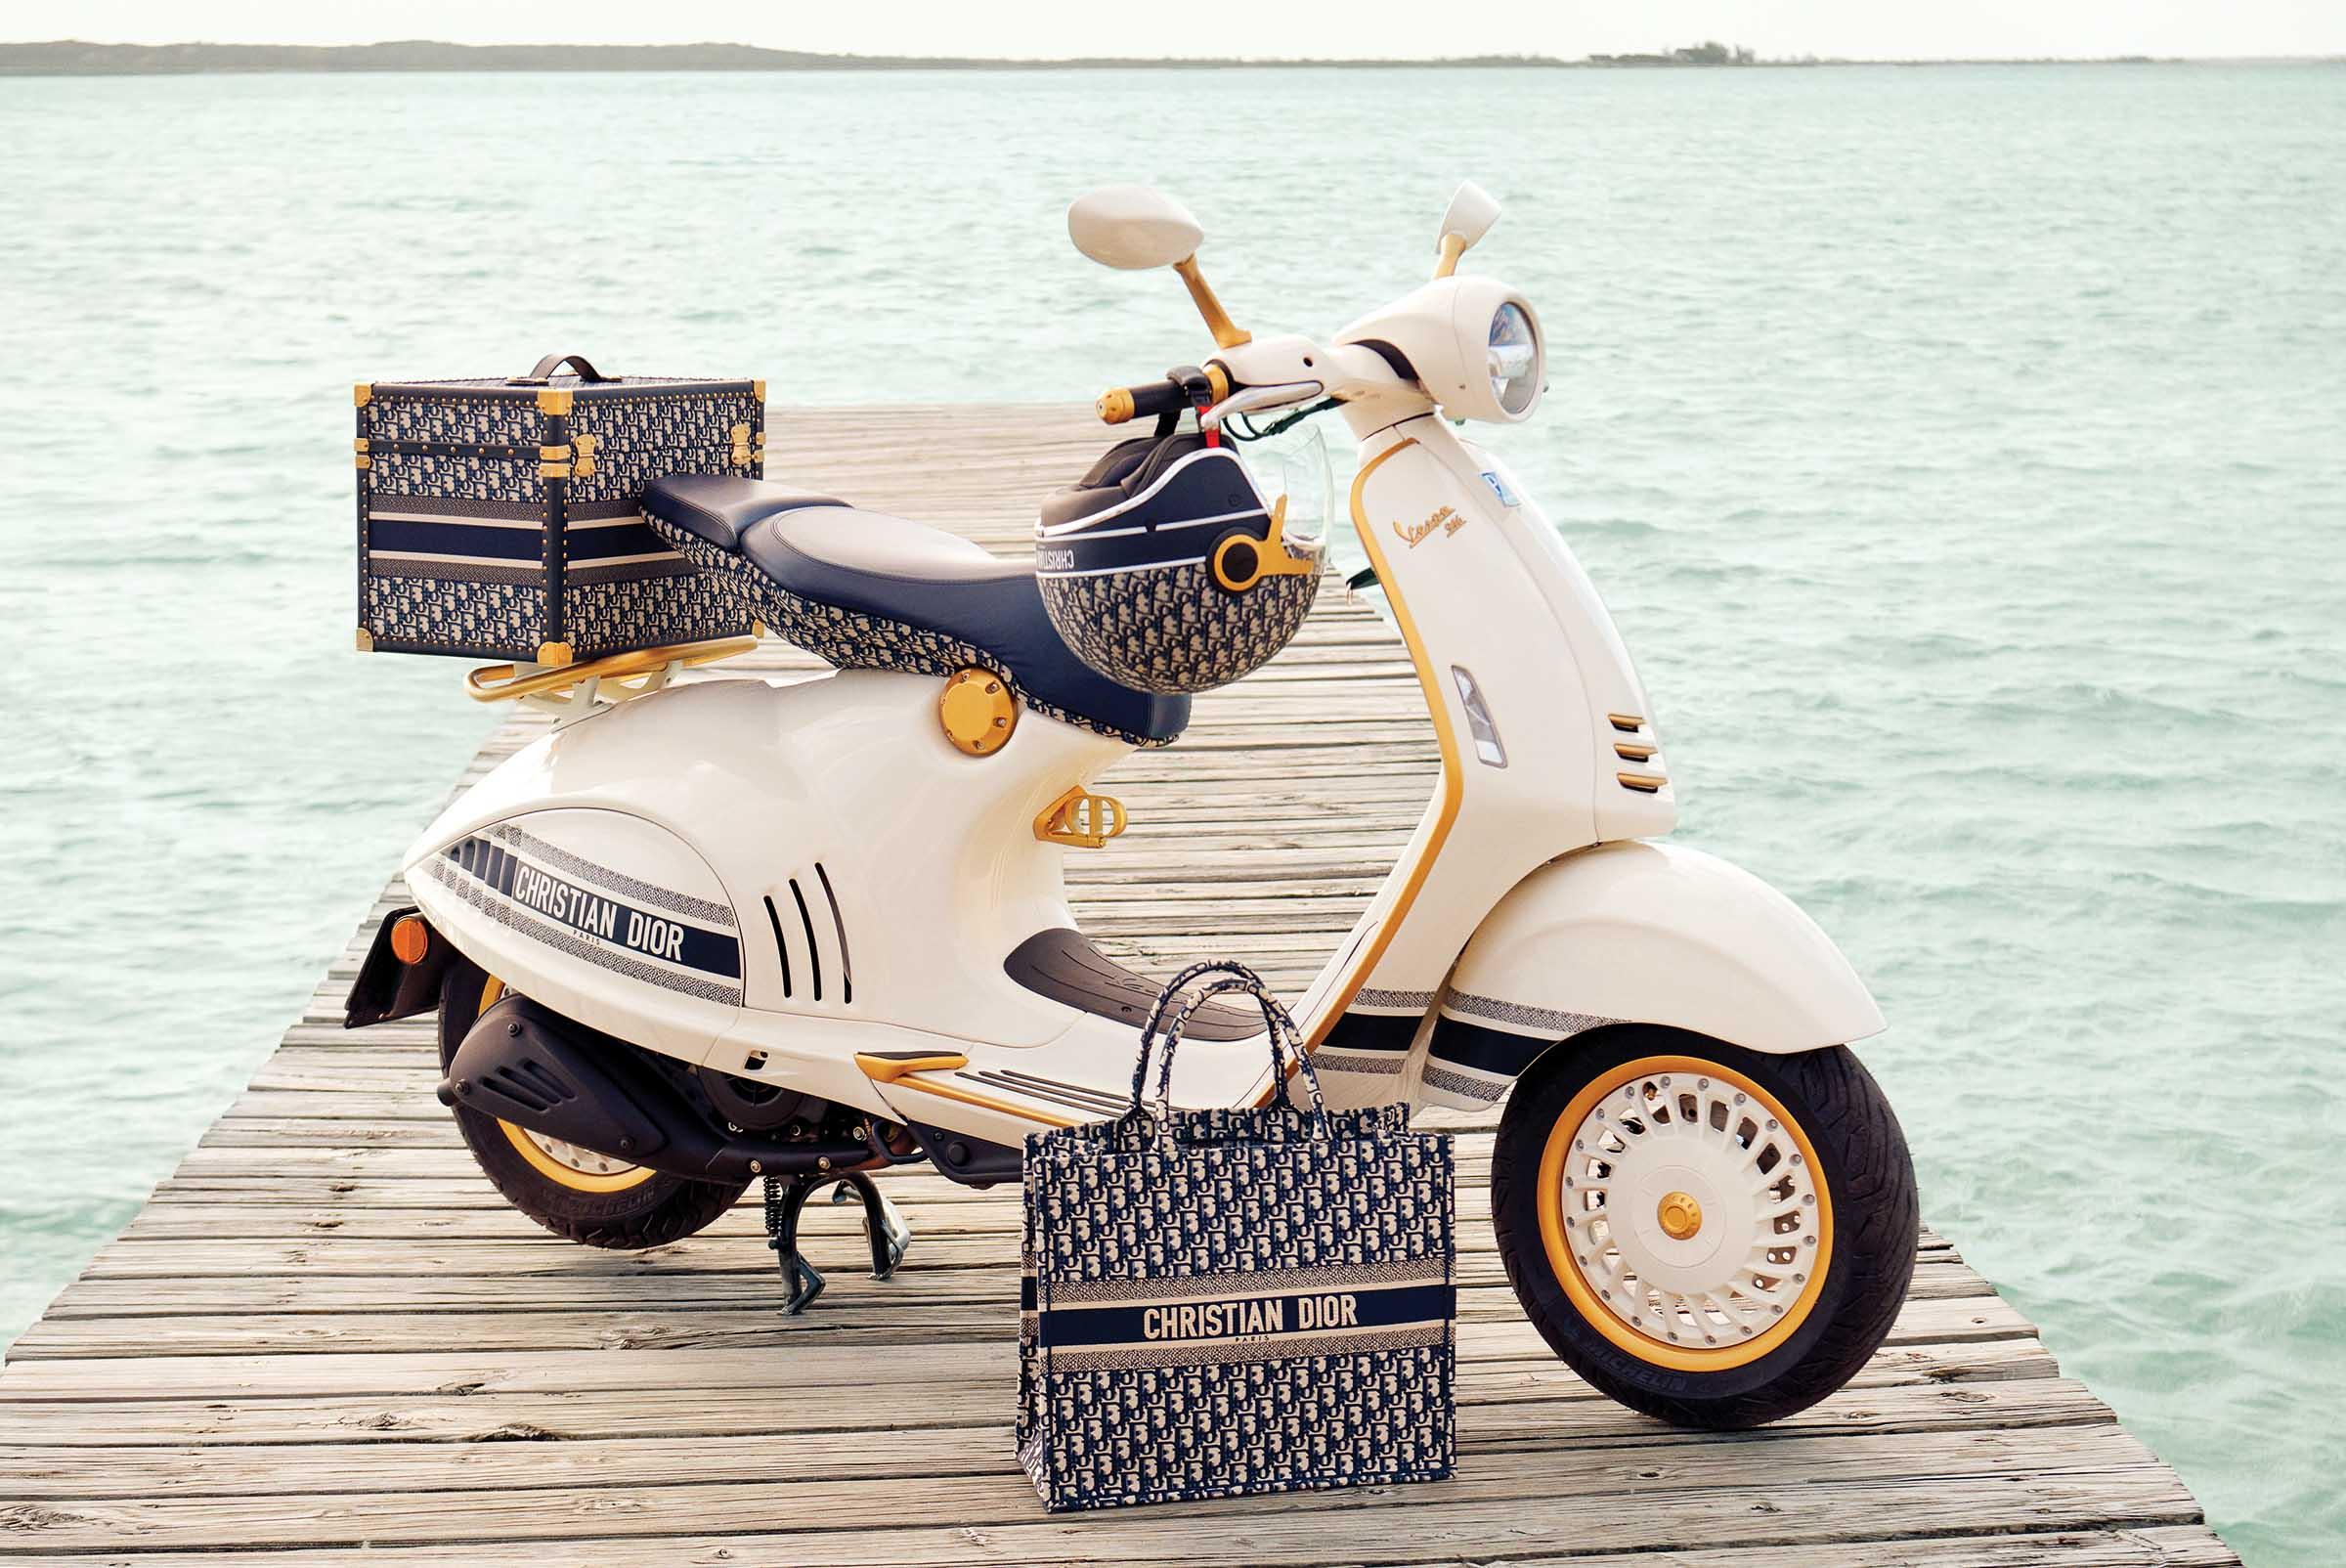 Vespa 946 Christian Dior | Fanaticar Magazin